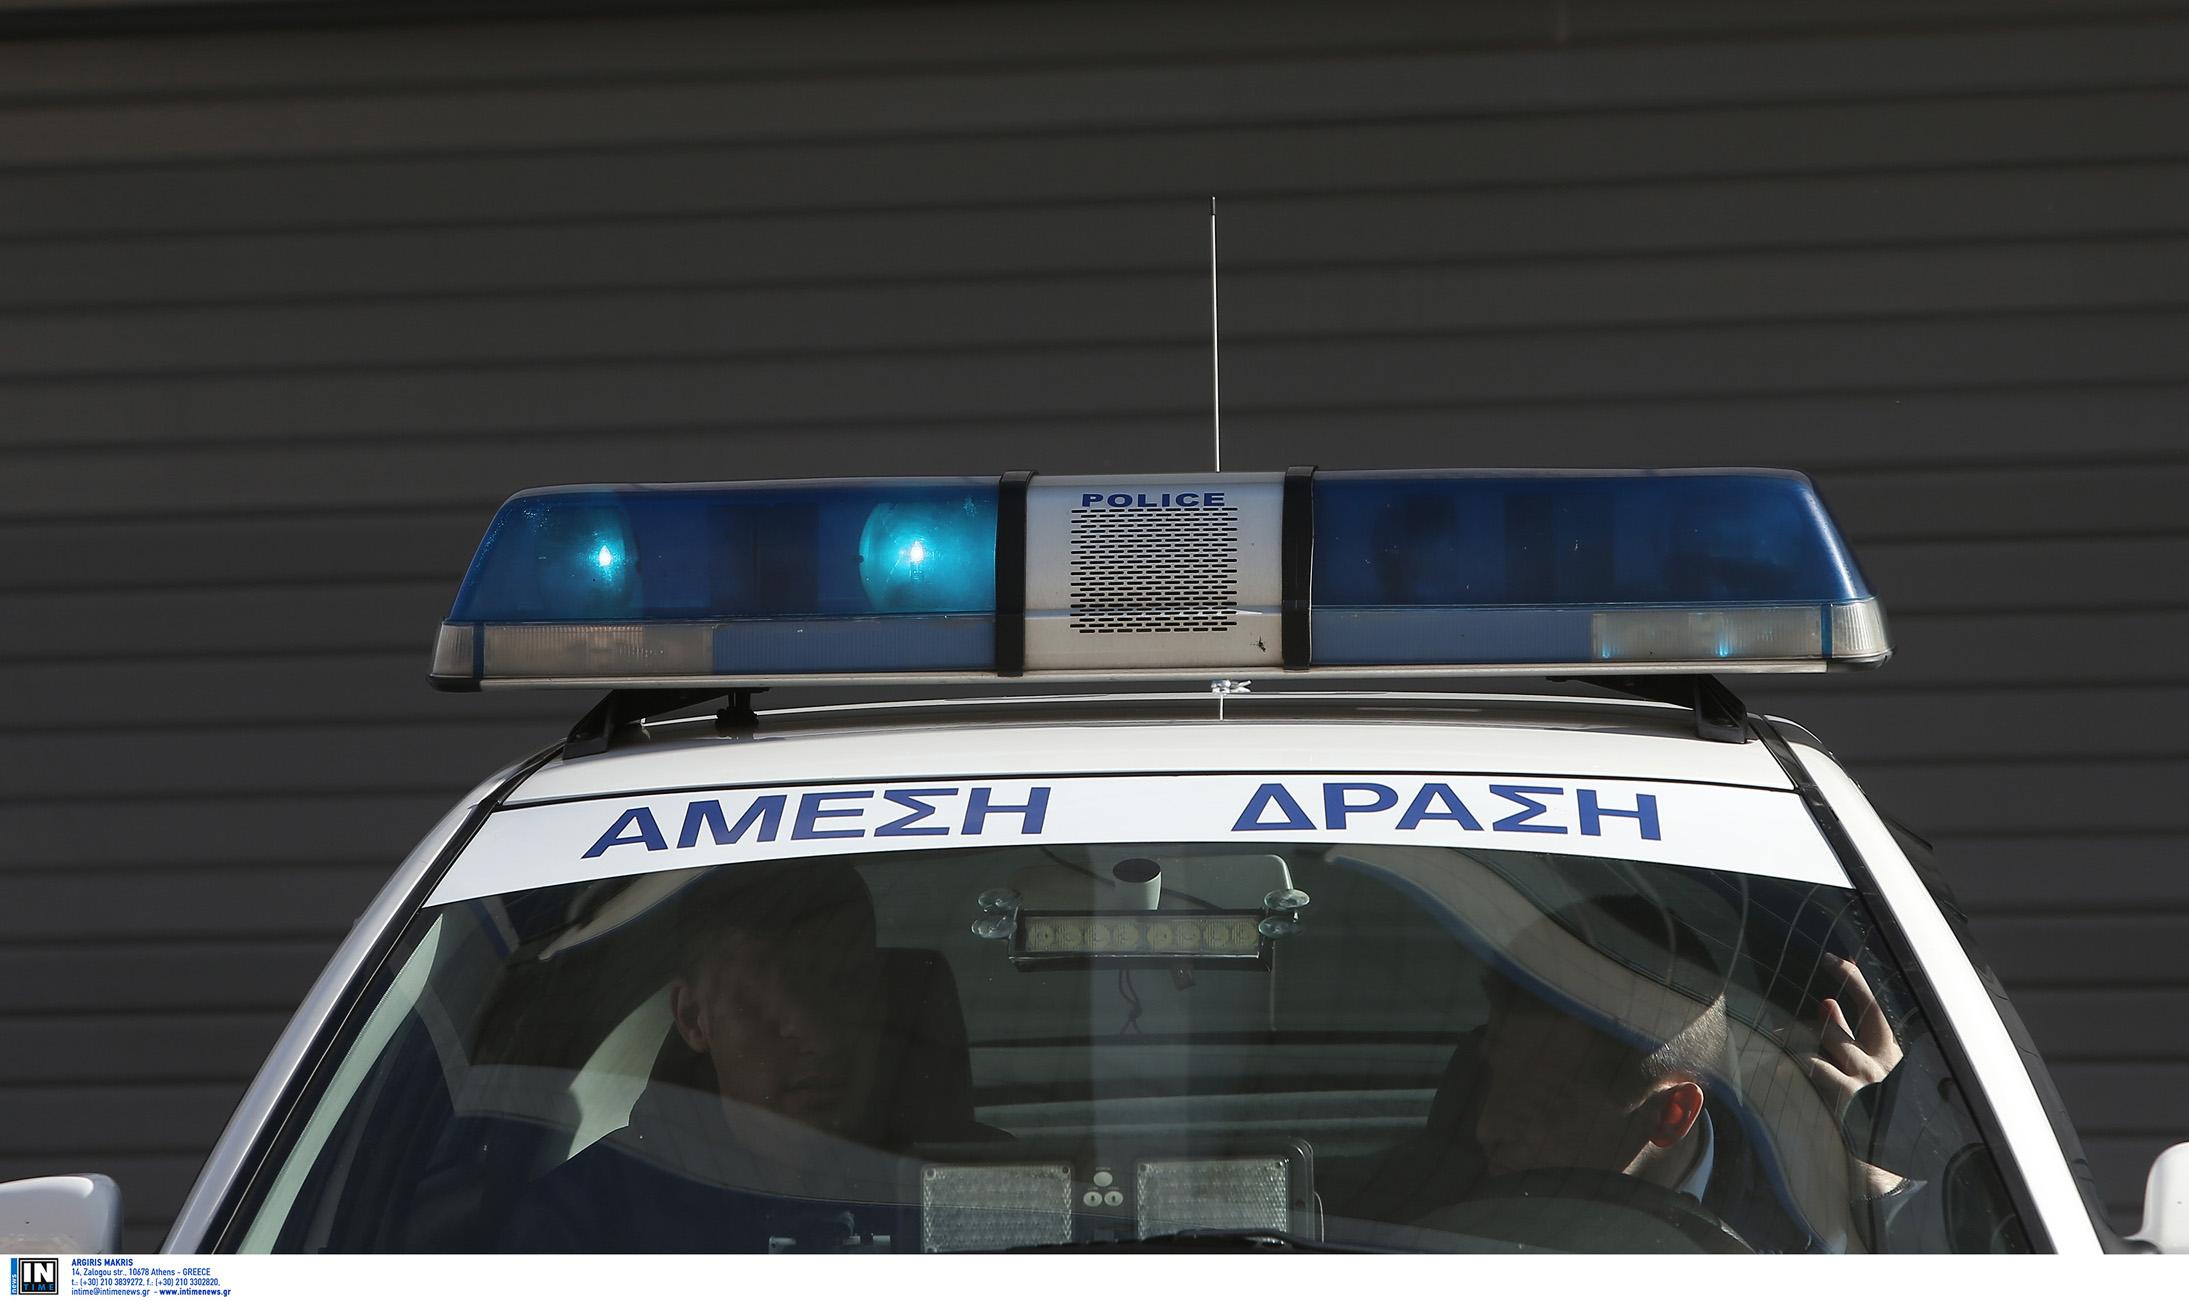 Φλώρινα: 17χρονη κατήγγειλε βιασμό από 3 άτομα – Έστειλαν γυμνή φωτογραφία σε συγγενή της